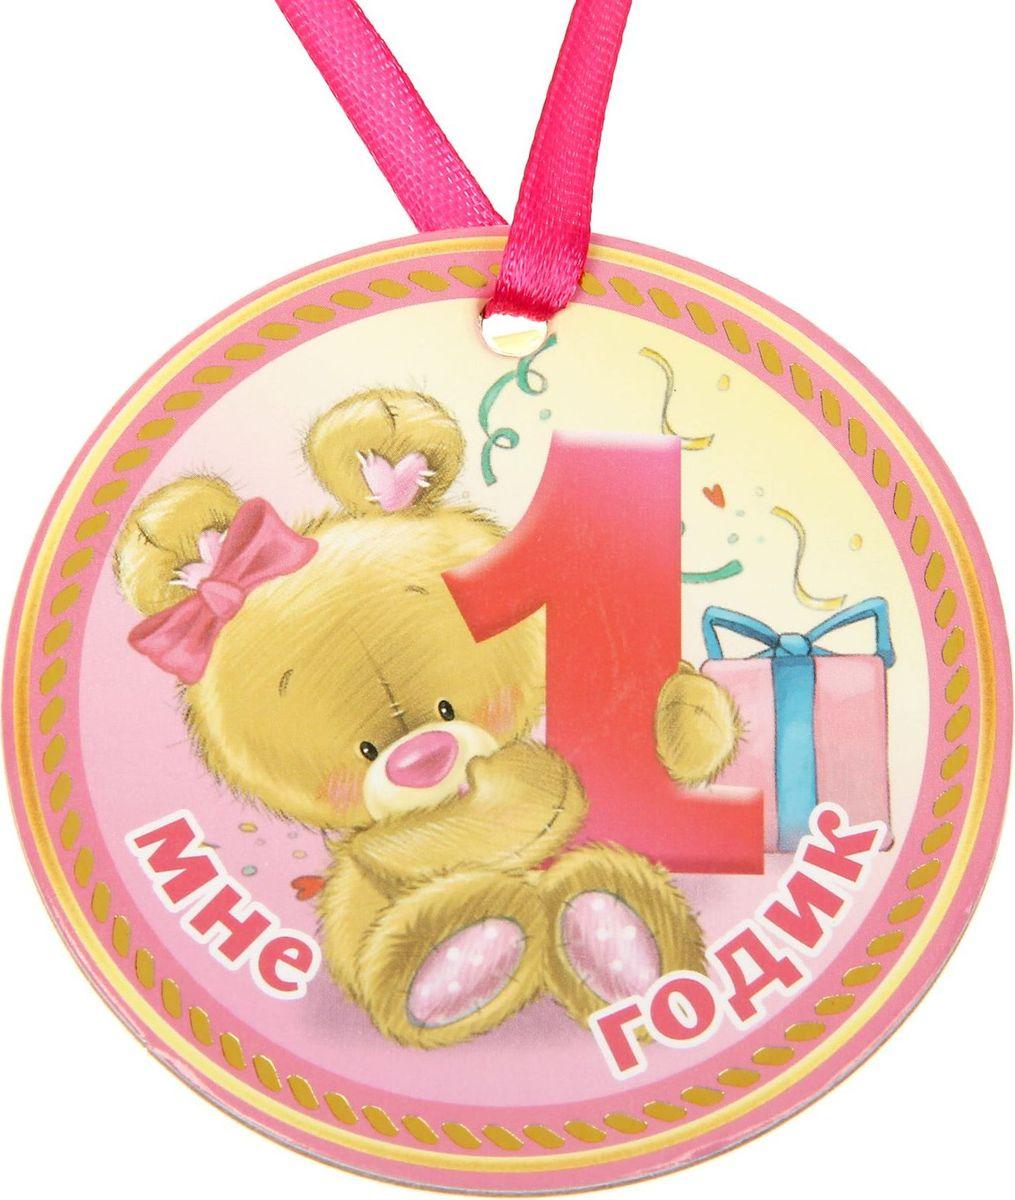 Медаль сувенирная Мне 1 годик. Девочка, 7,5 х 7,5 см1418330Медаль Мне 1 годик — милый аксессуар для любимого чада. Награда из плотного картона порадует его яркими цветами. Такой сувенир станет прекрасным знаком внимания на первый день рождения малыша. Ваши близкие заслуживают лучших подарков!